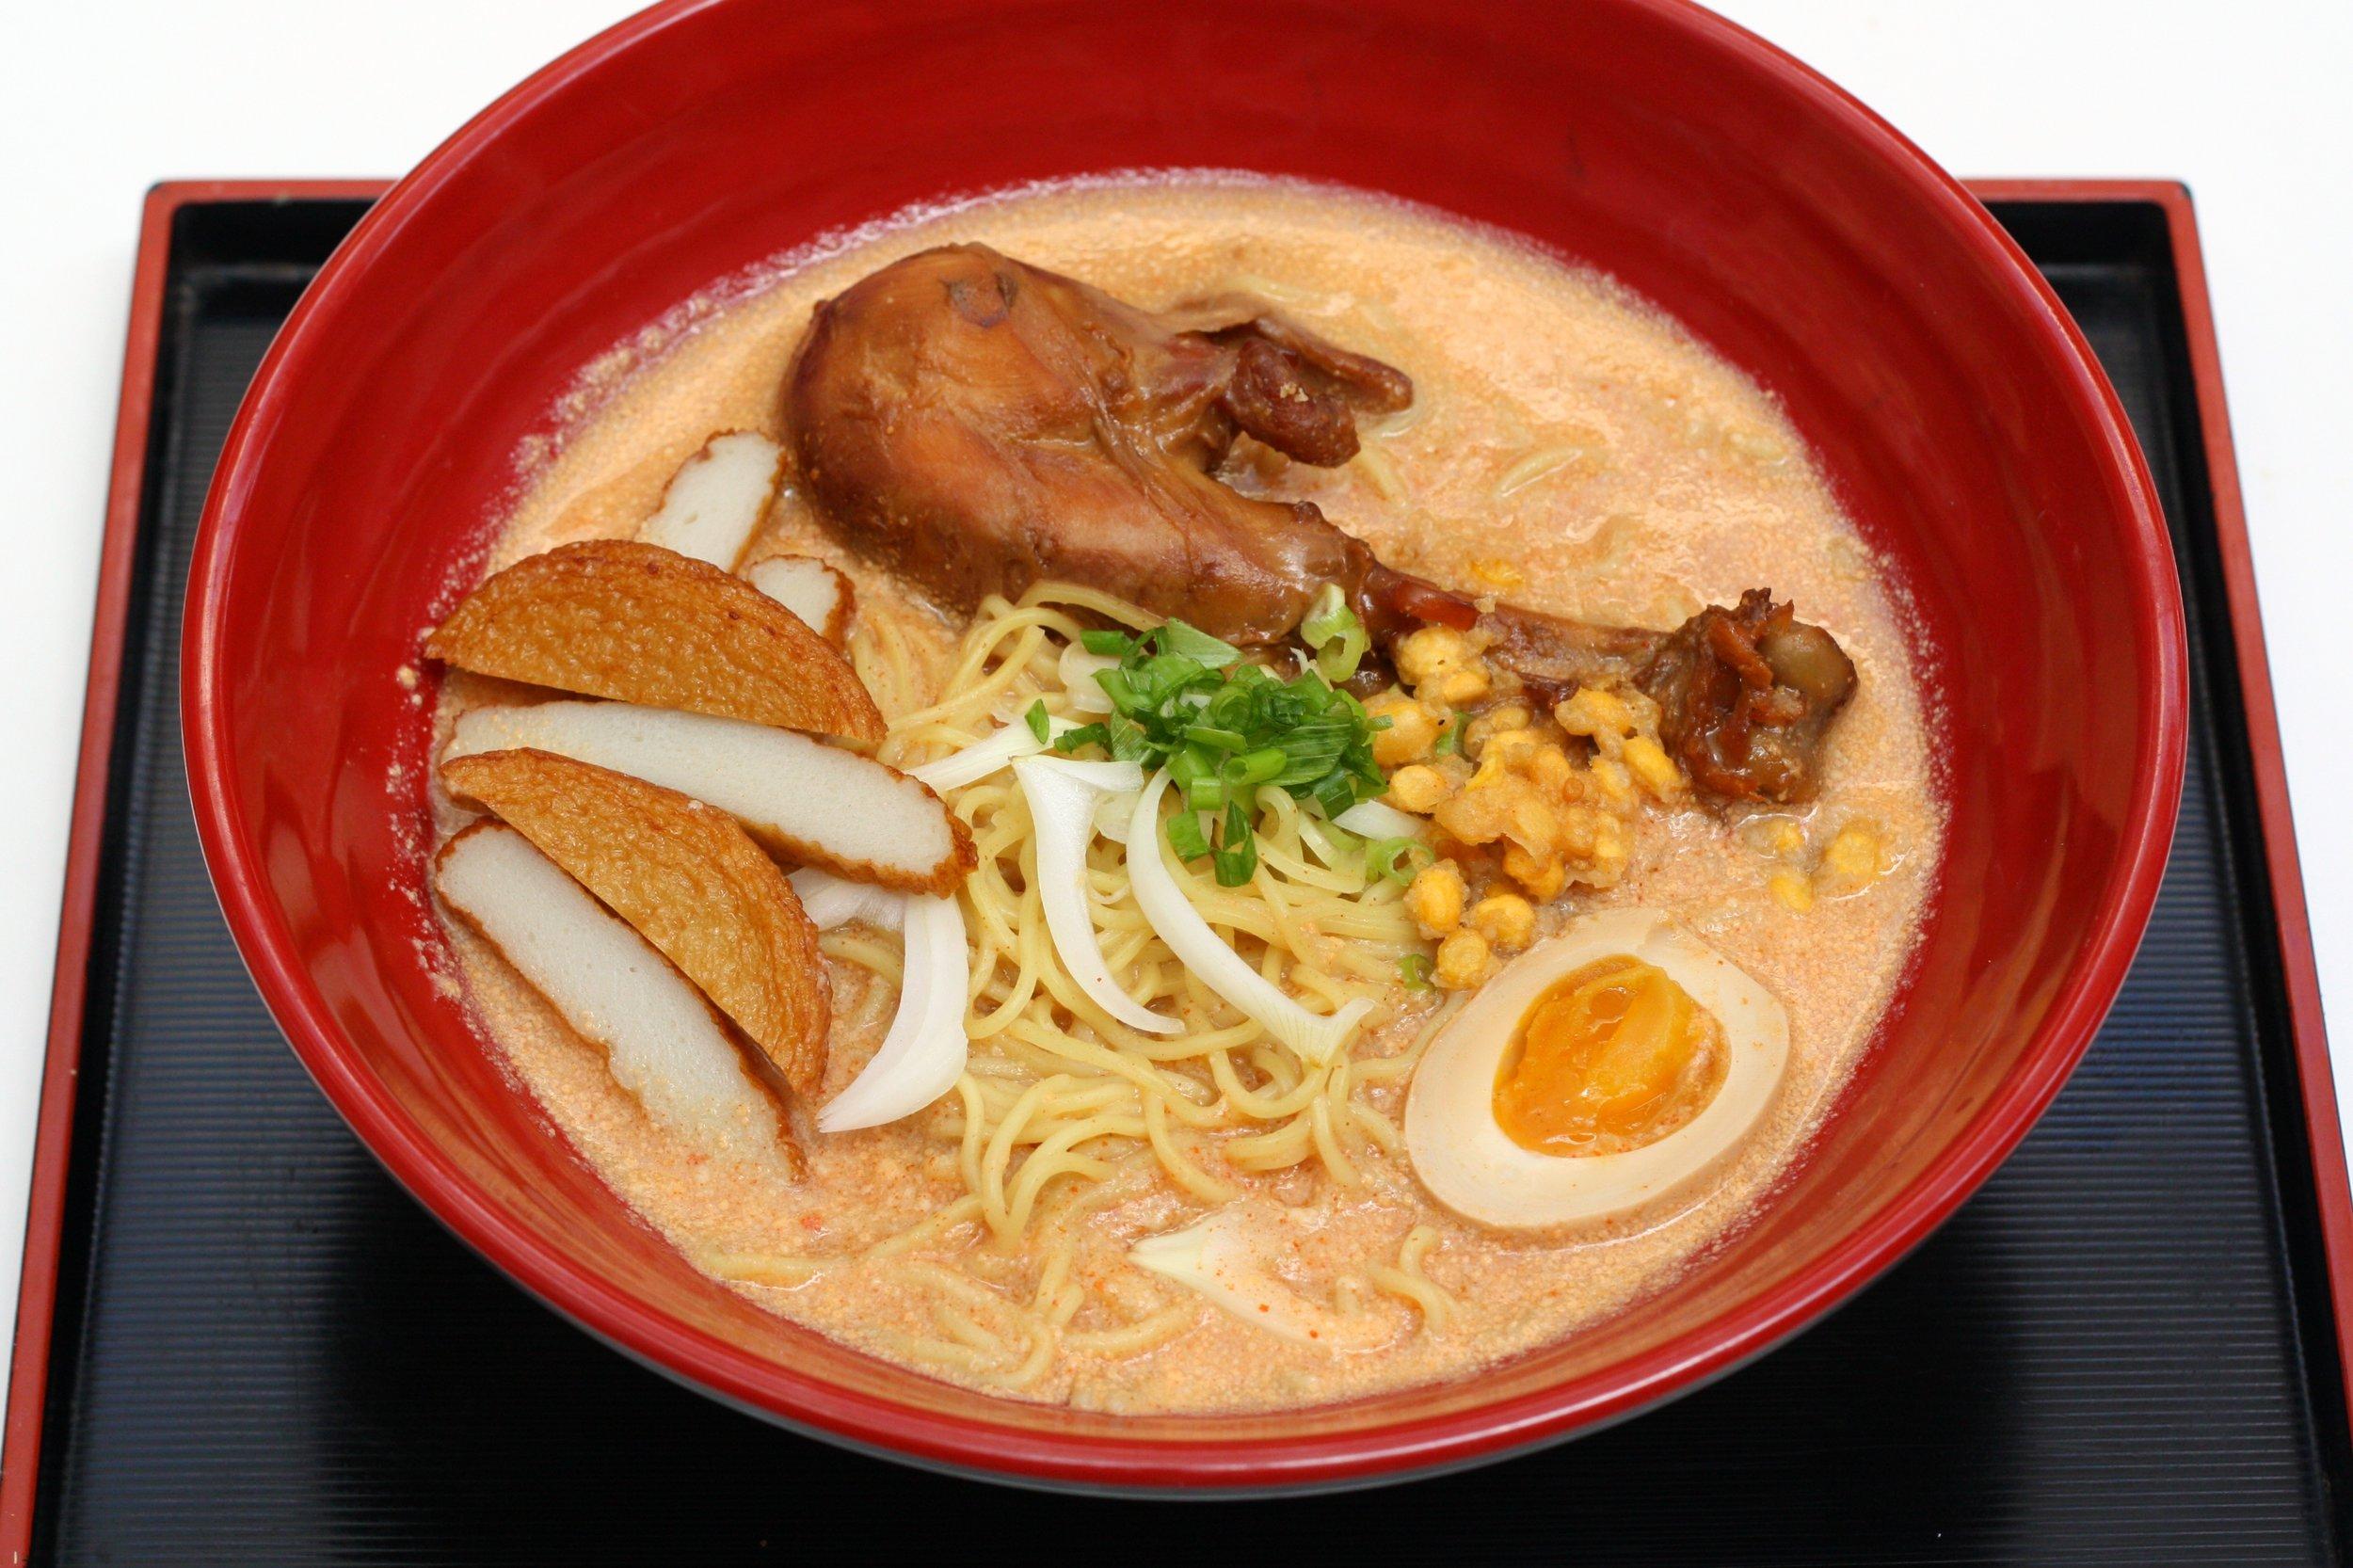 Soy_Milk_Ramen_San_Francisco_Japanese_Restaurant_Kui_Shin_Bo.jpg